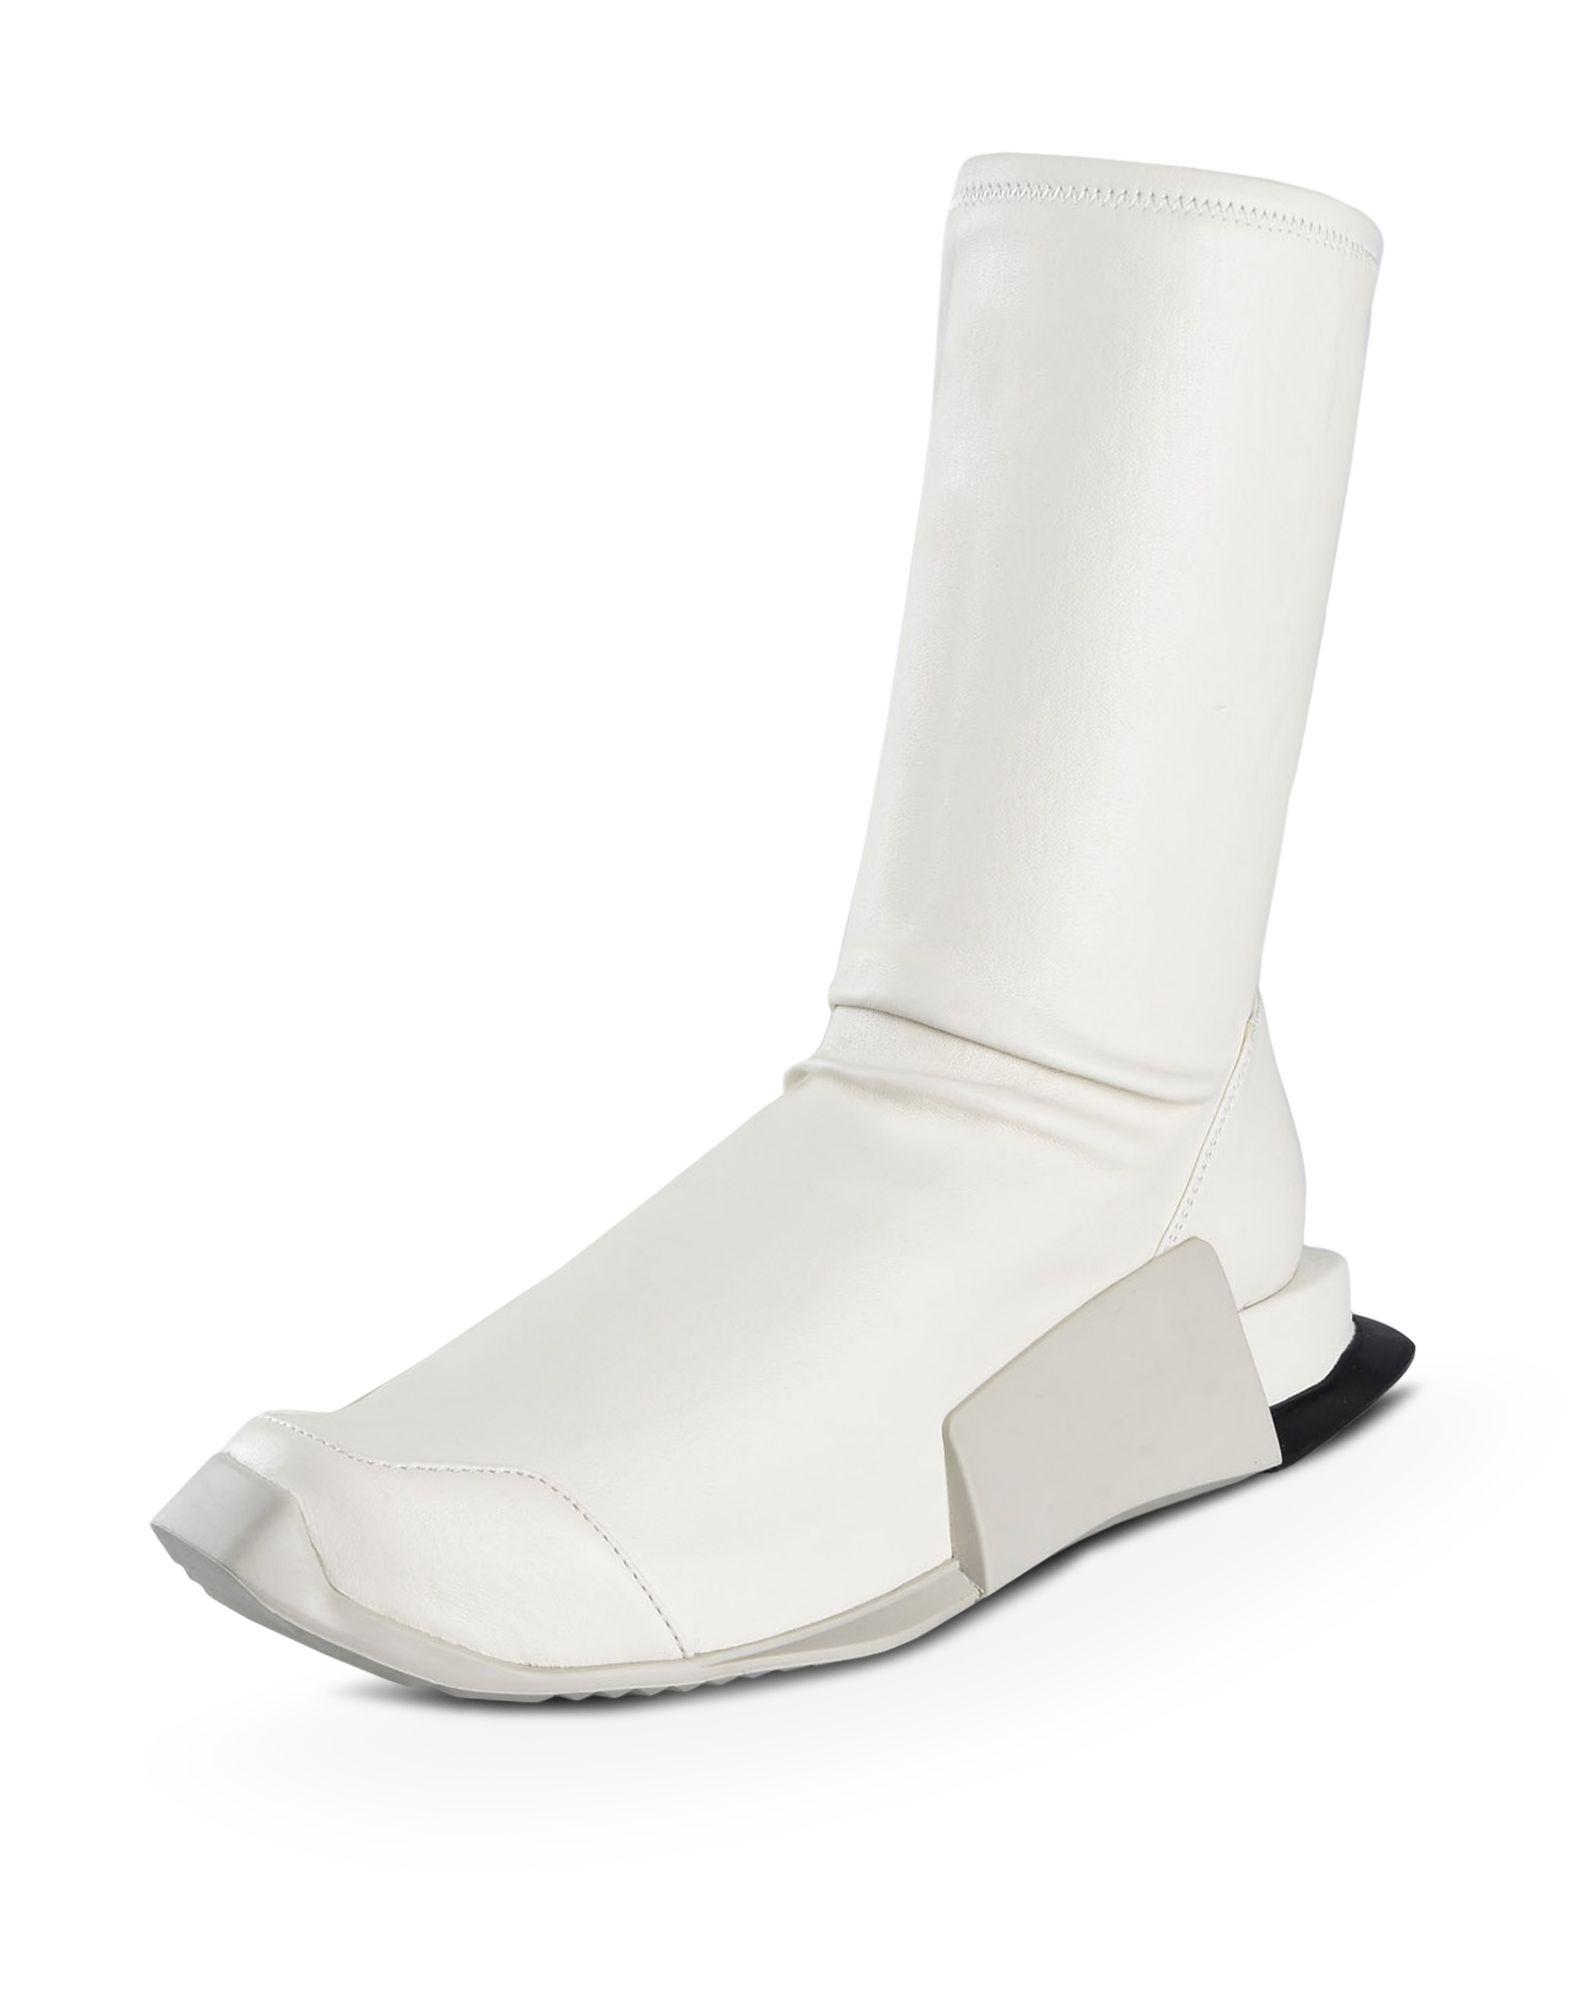 Rick Owens X Adidas Stiefelette Herren  11406435QI Gute Qualität beliebte Schuhe